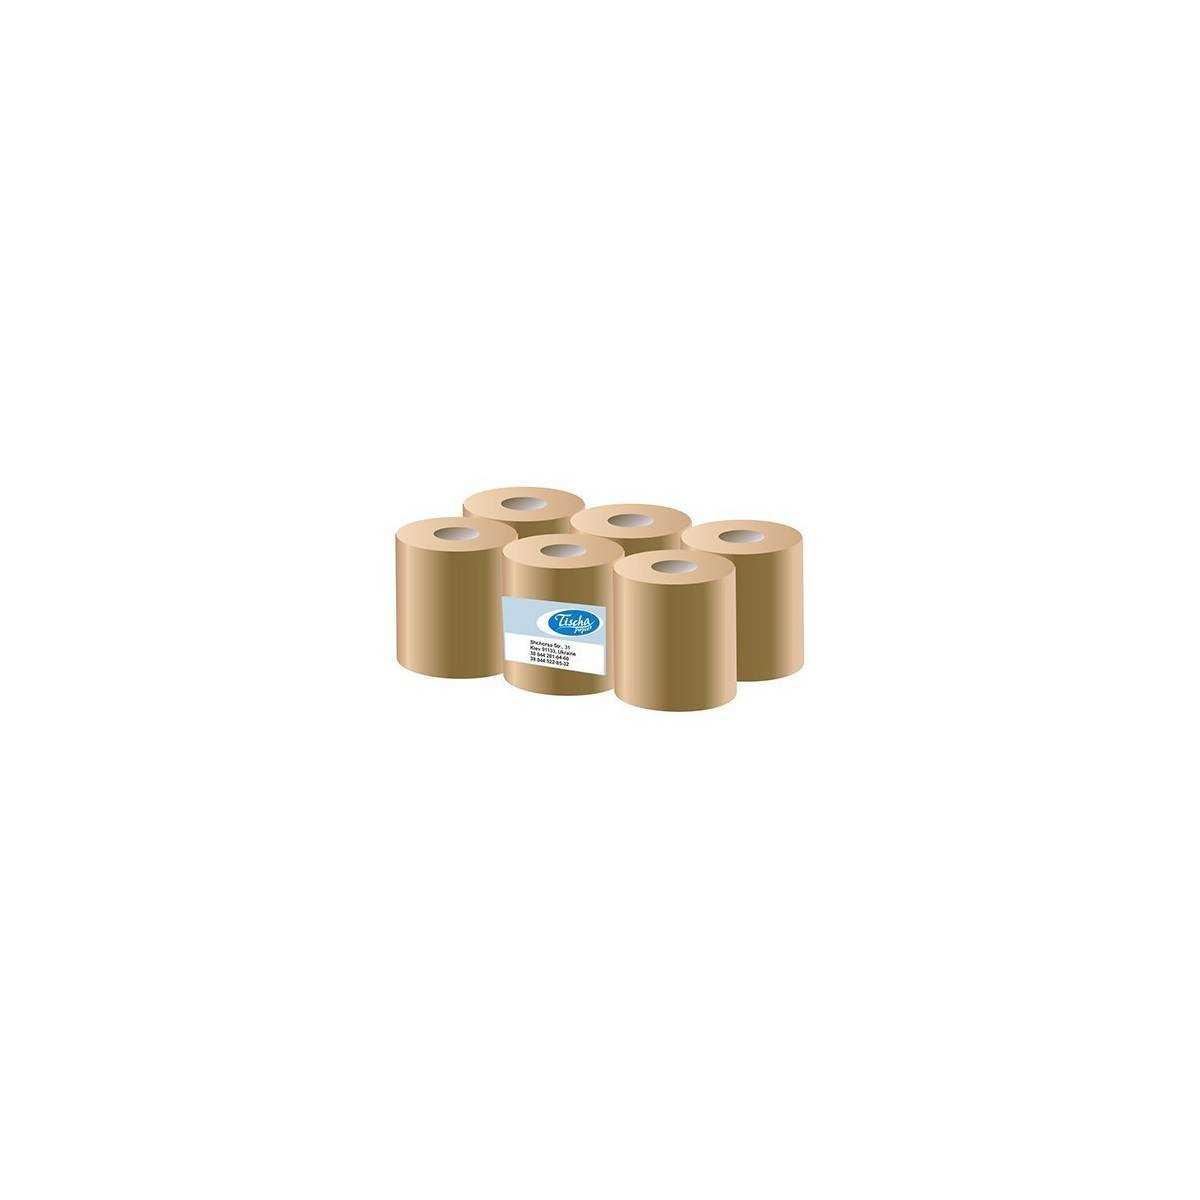 Протирочные рулоны MINI (P146/2) P146/2 Tischa Papier